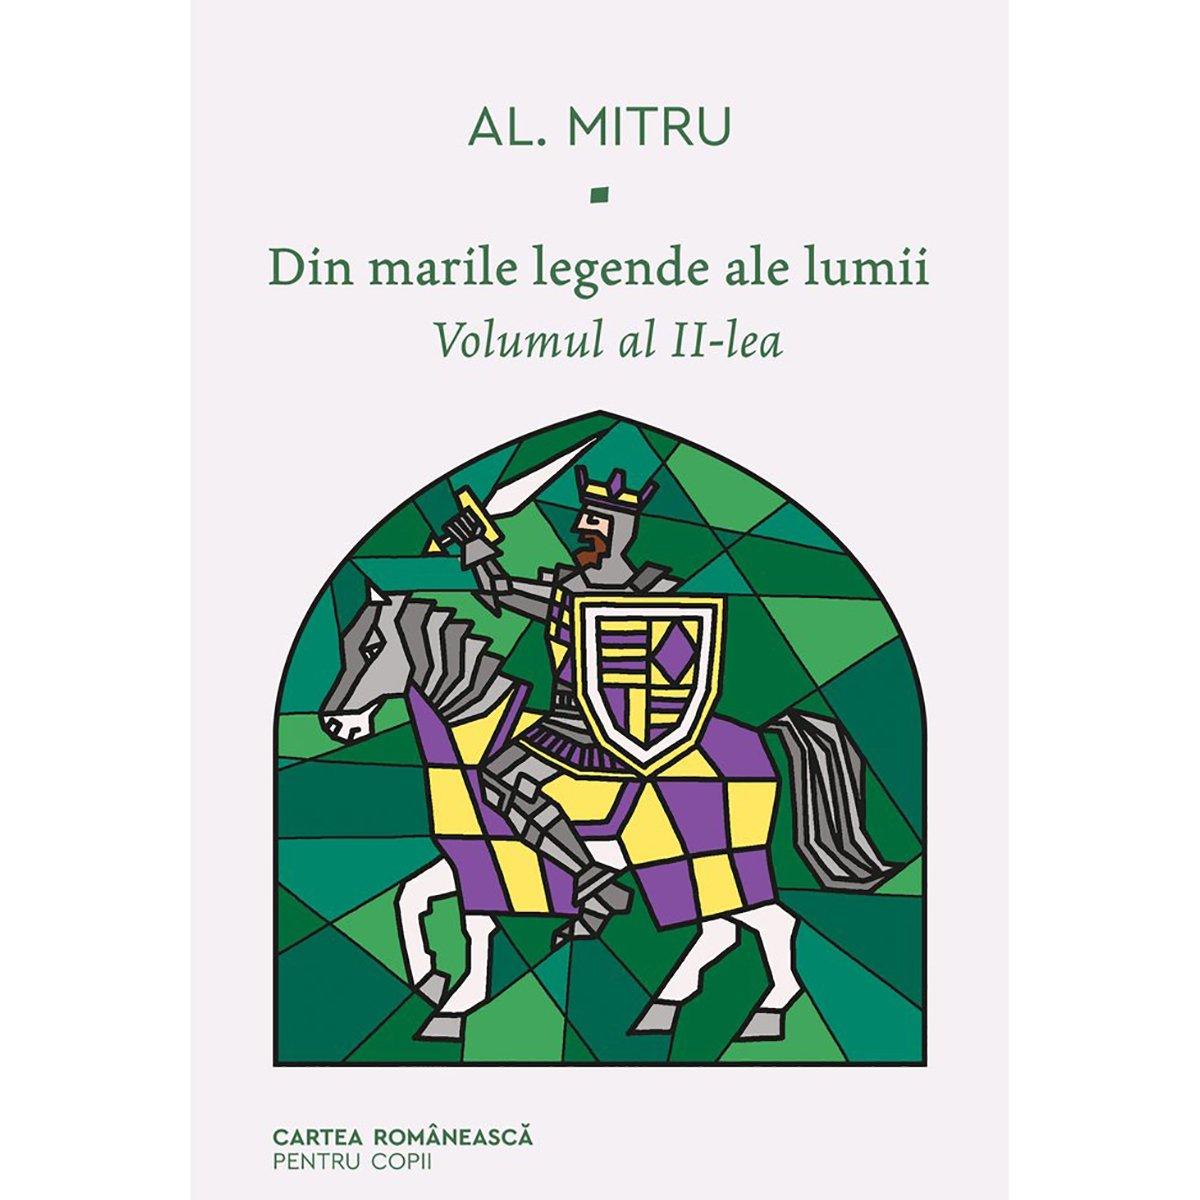 Din marile legende ale lumii, vol 2, Alexandru Mitru